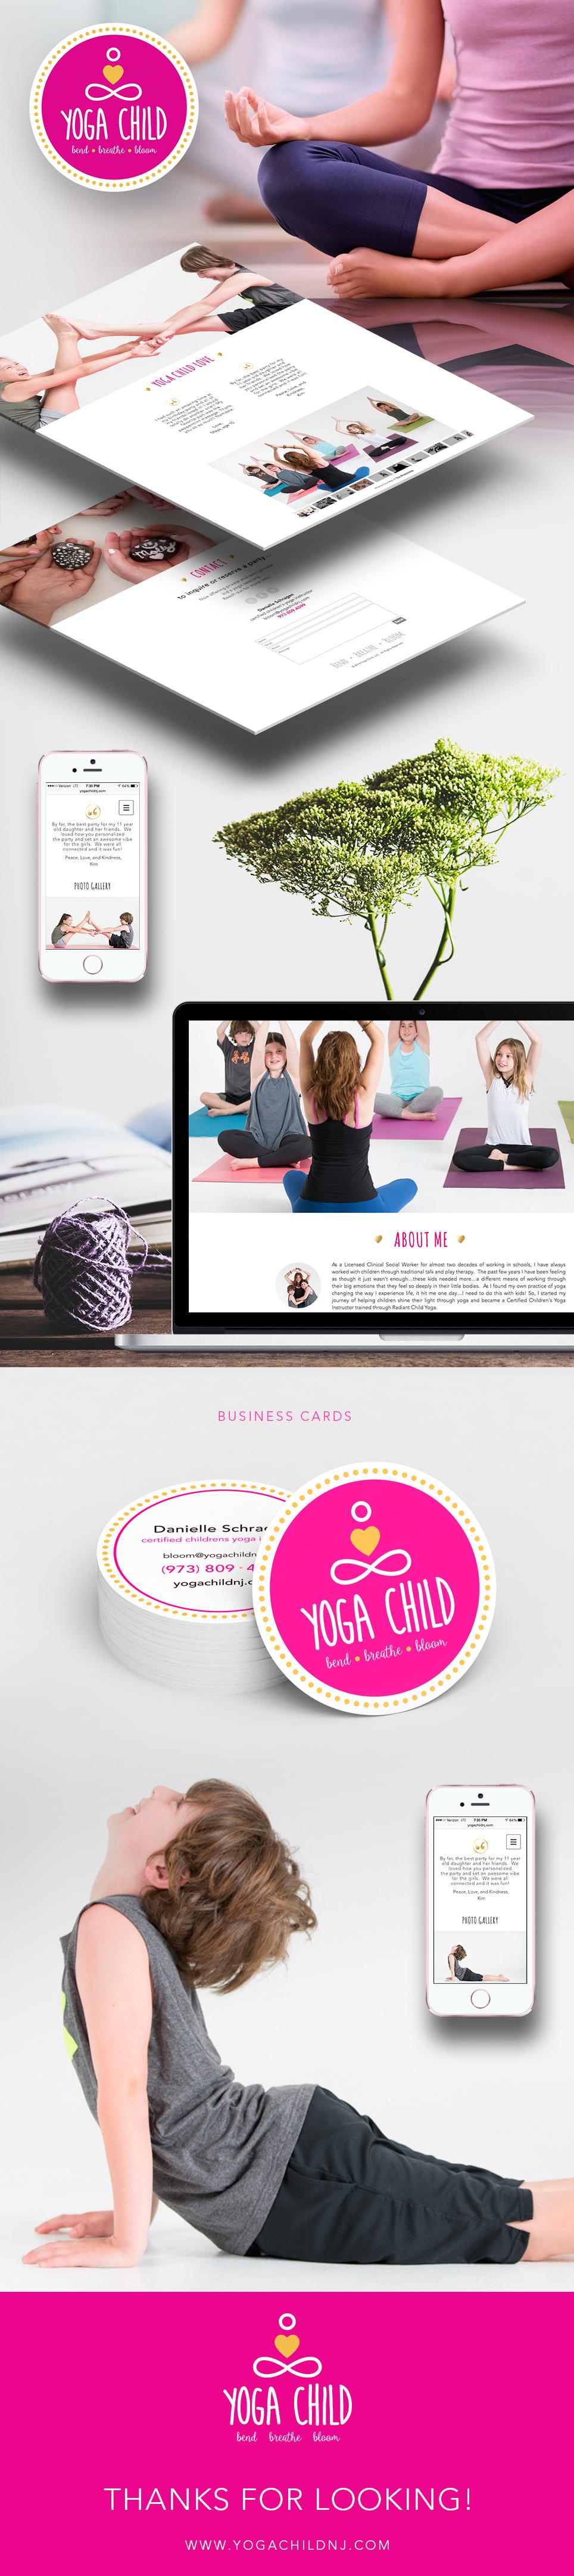 Yoga Child brand identity